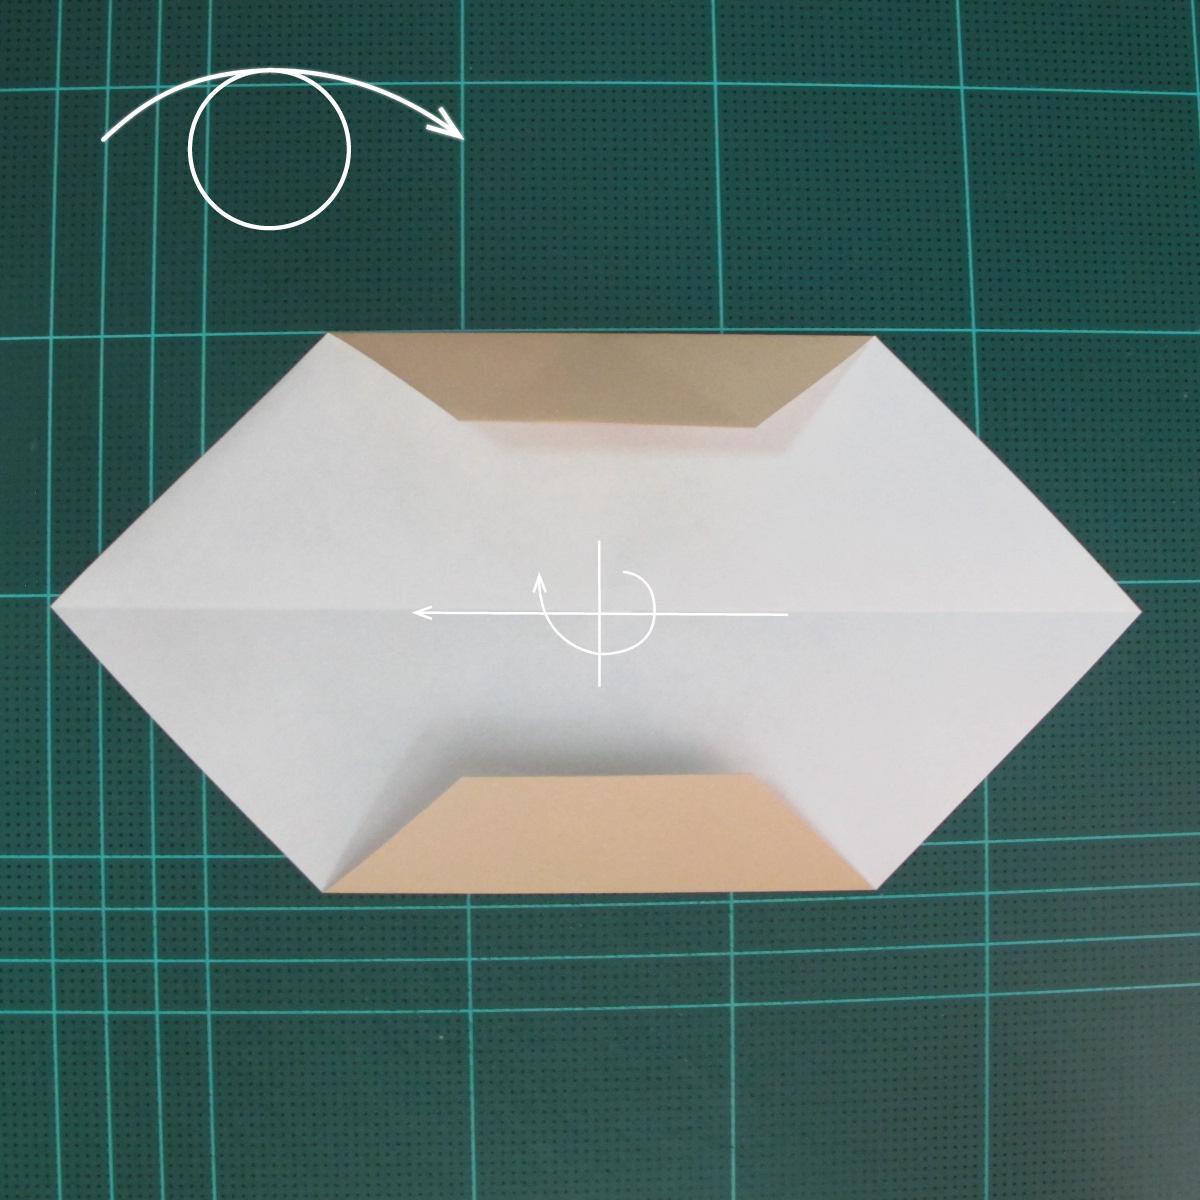 การพับกระดาษเป็นรูปเรือเรือสำปั้น (Origami Sampan) 004